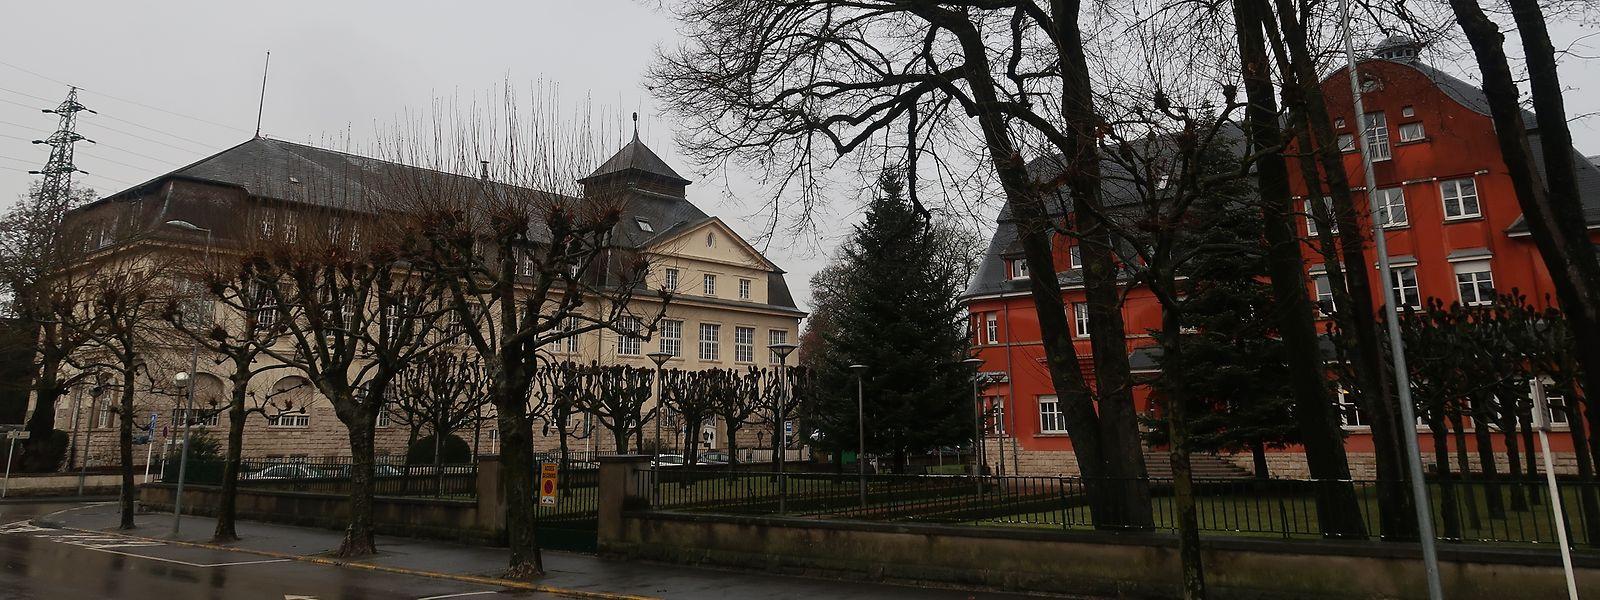 Versteckt hinter Bäumen: Rechts das aktuelle Conservatoire und links das Luxcontrol-Gebäude.